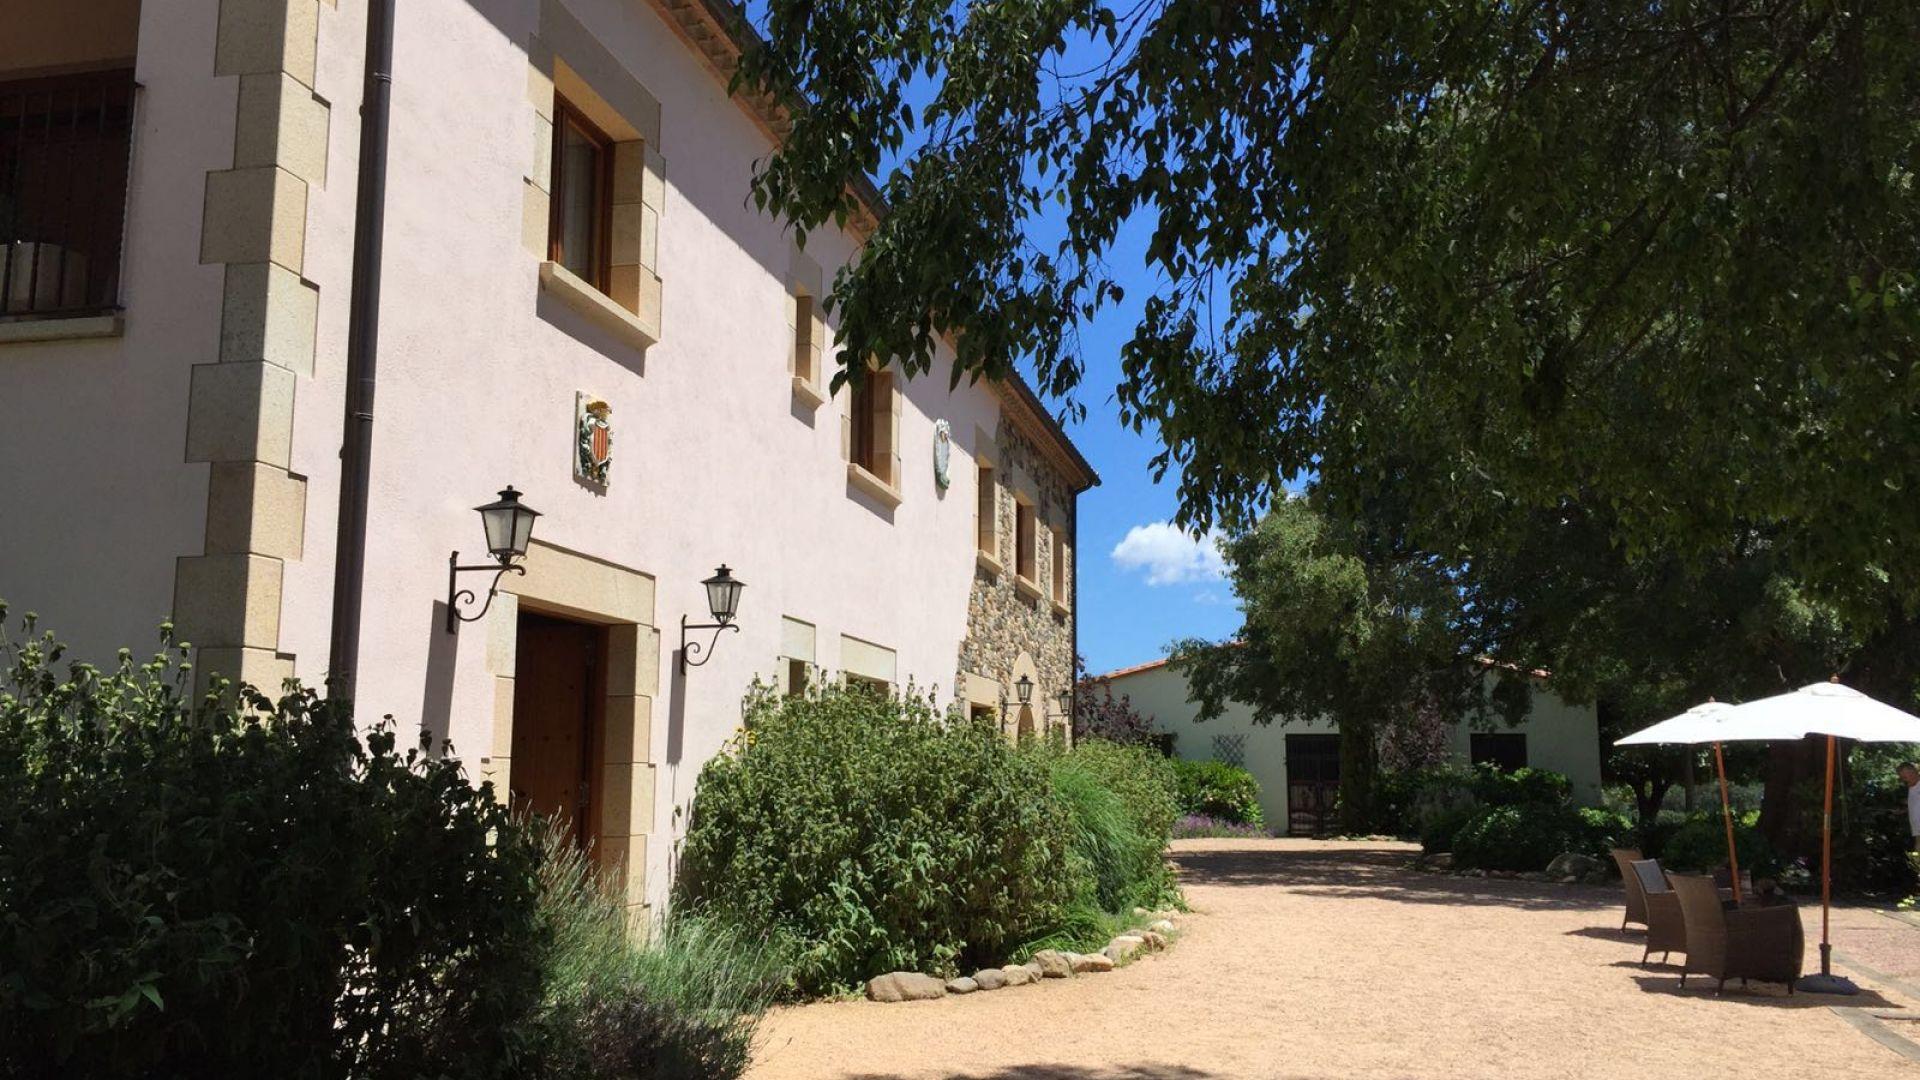 Casas Rurales En Cadaques. Casa Rural Cadaques With Casa Rural ...